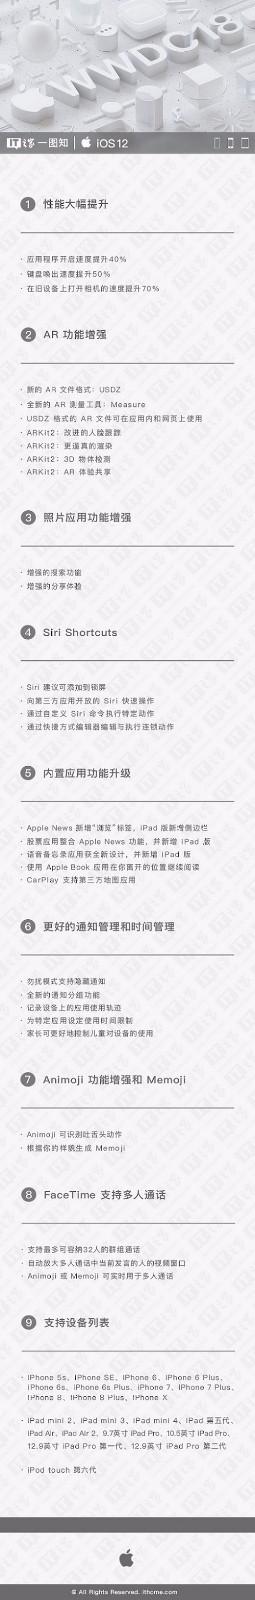 【一图知】秒懂苹果iOS12新功能世界杯各组积分-玩意儿